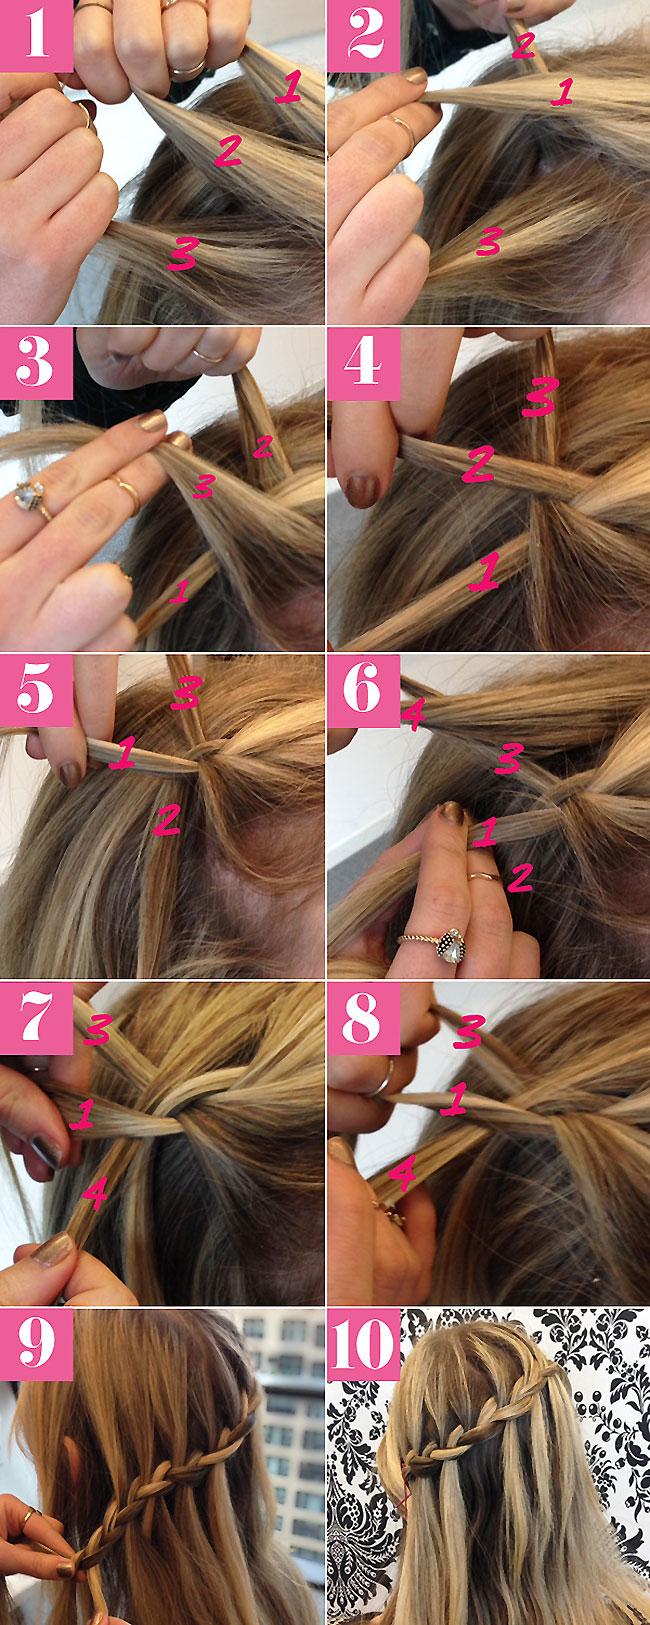 Как плести каскадную косу пошаговая инструкция